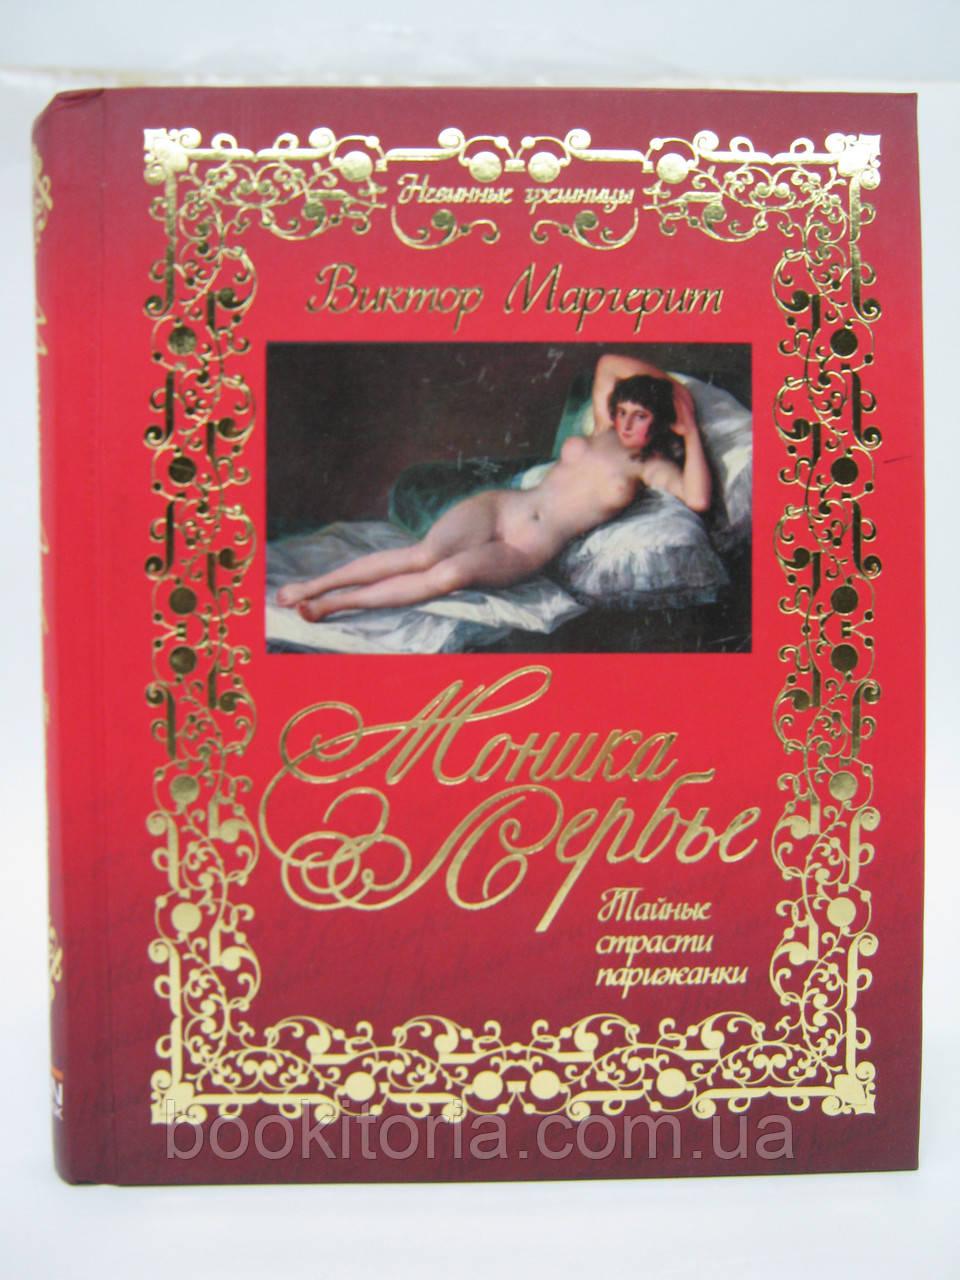 Маргерит В. Моника Лербье: Тайные страсти парижанки.